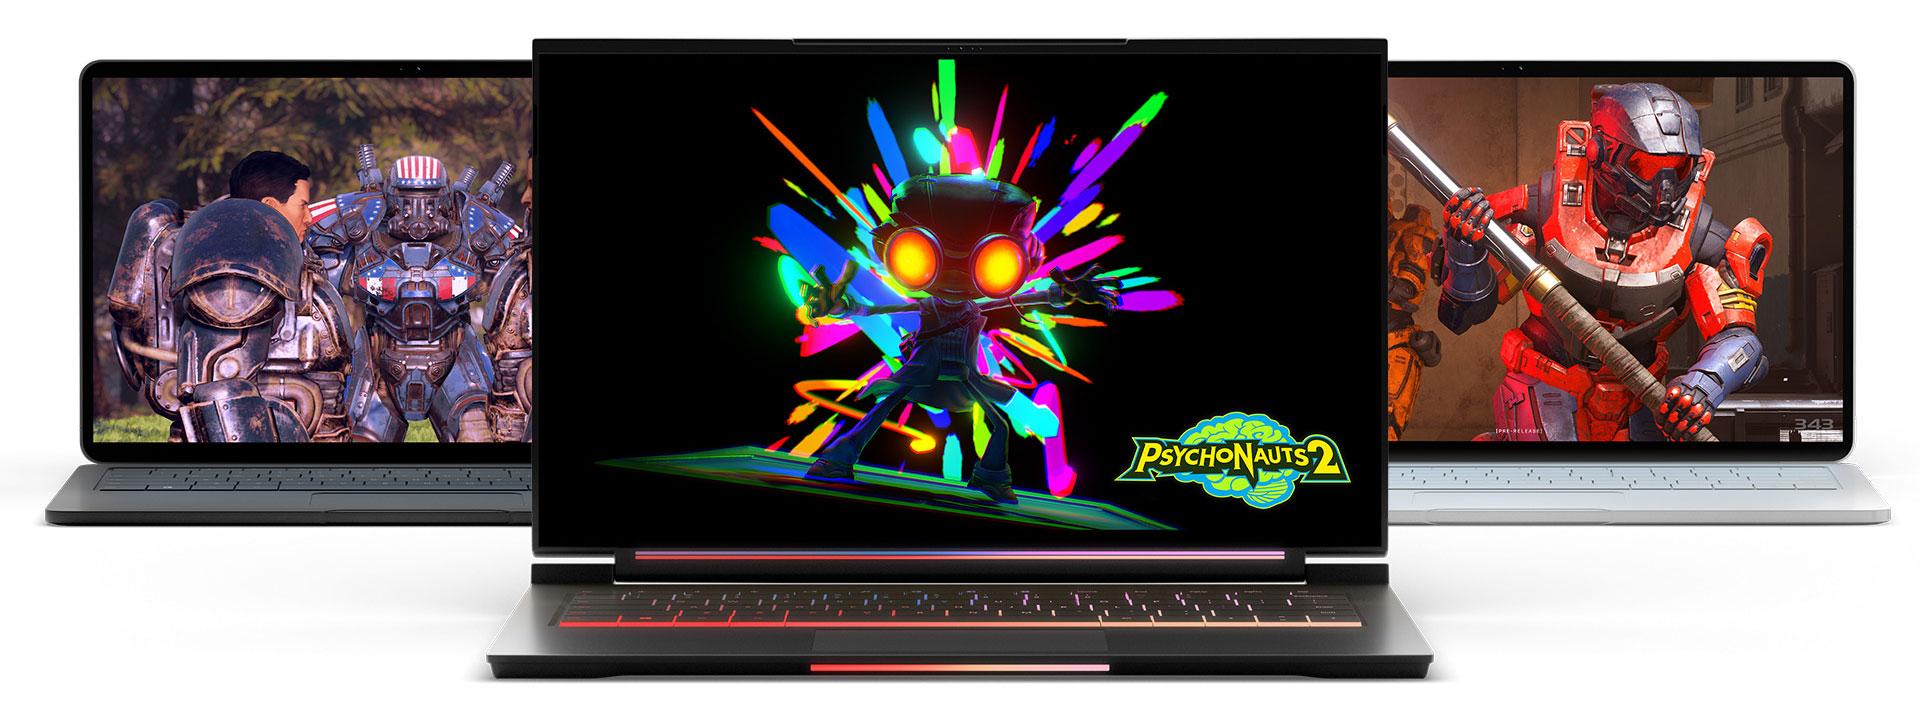 3 máy tính xách tay có trò chơi điện tử trên màn hình